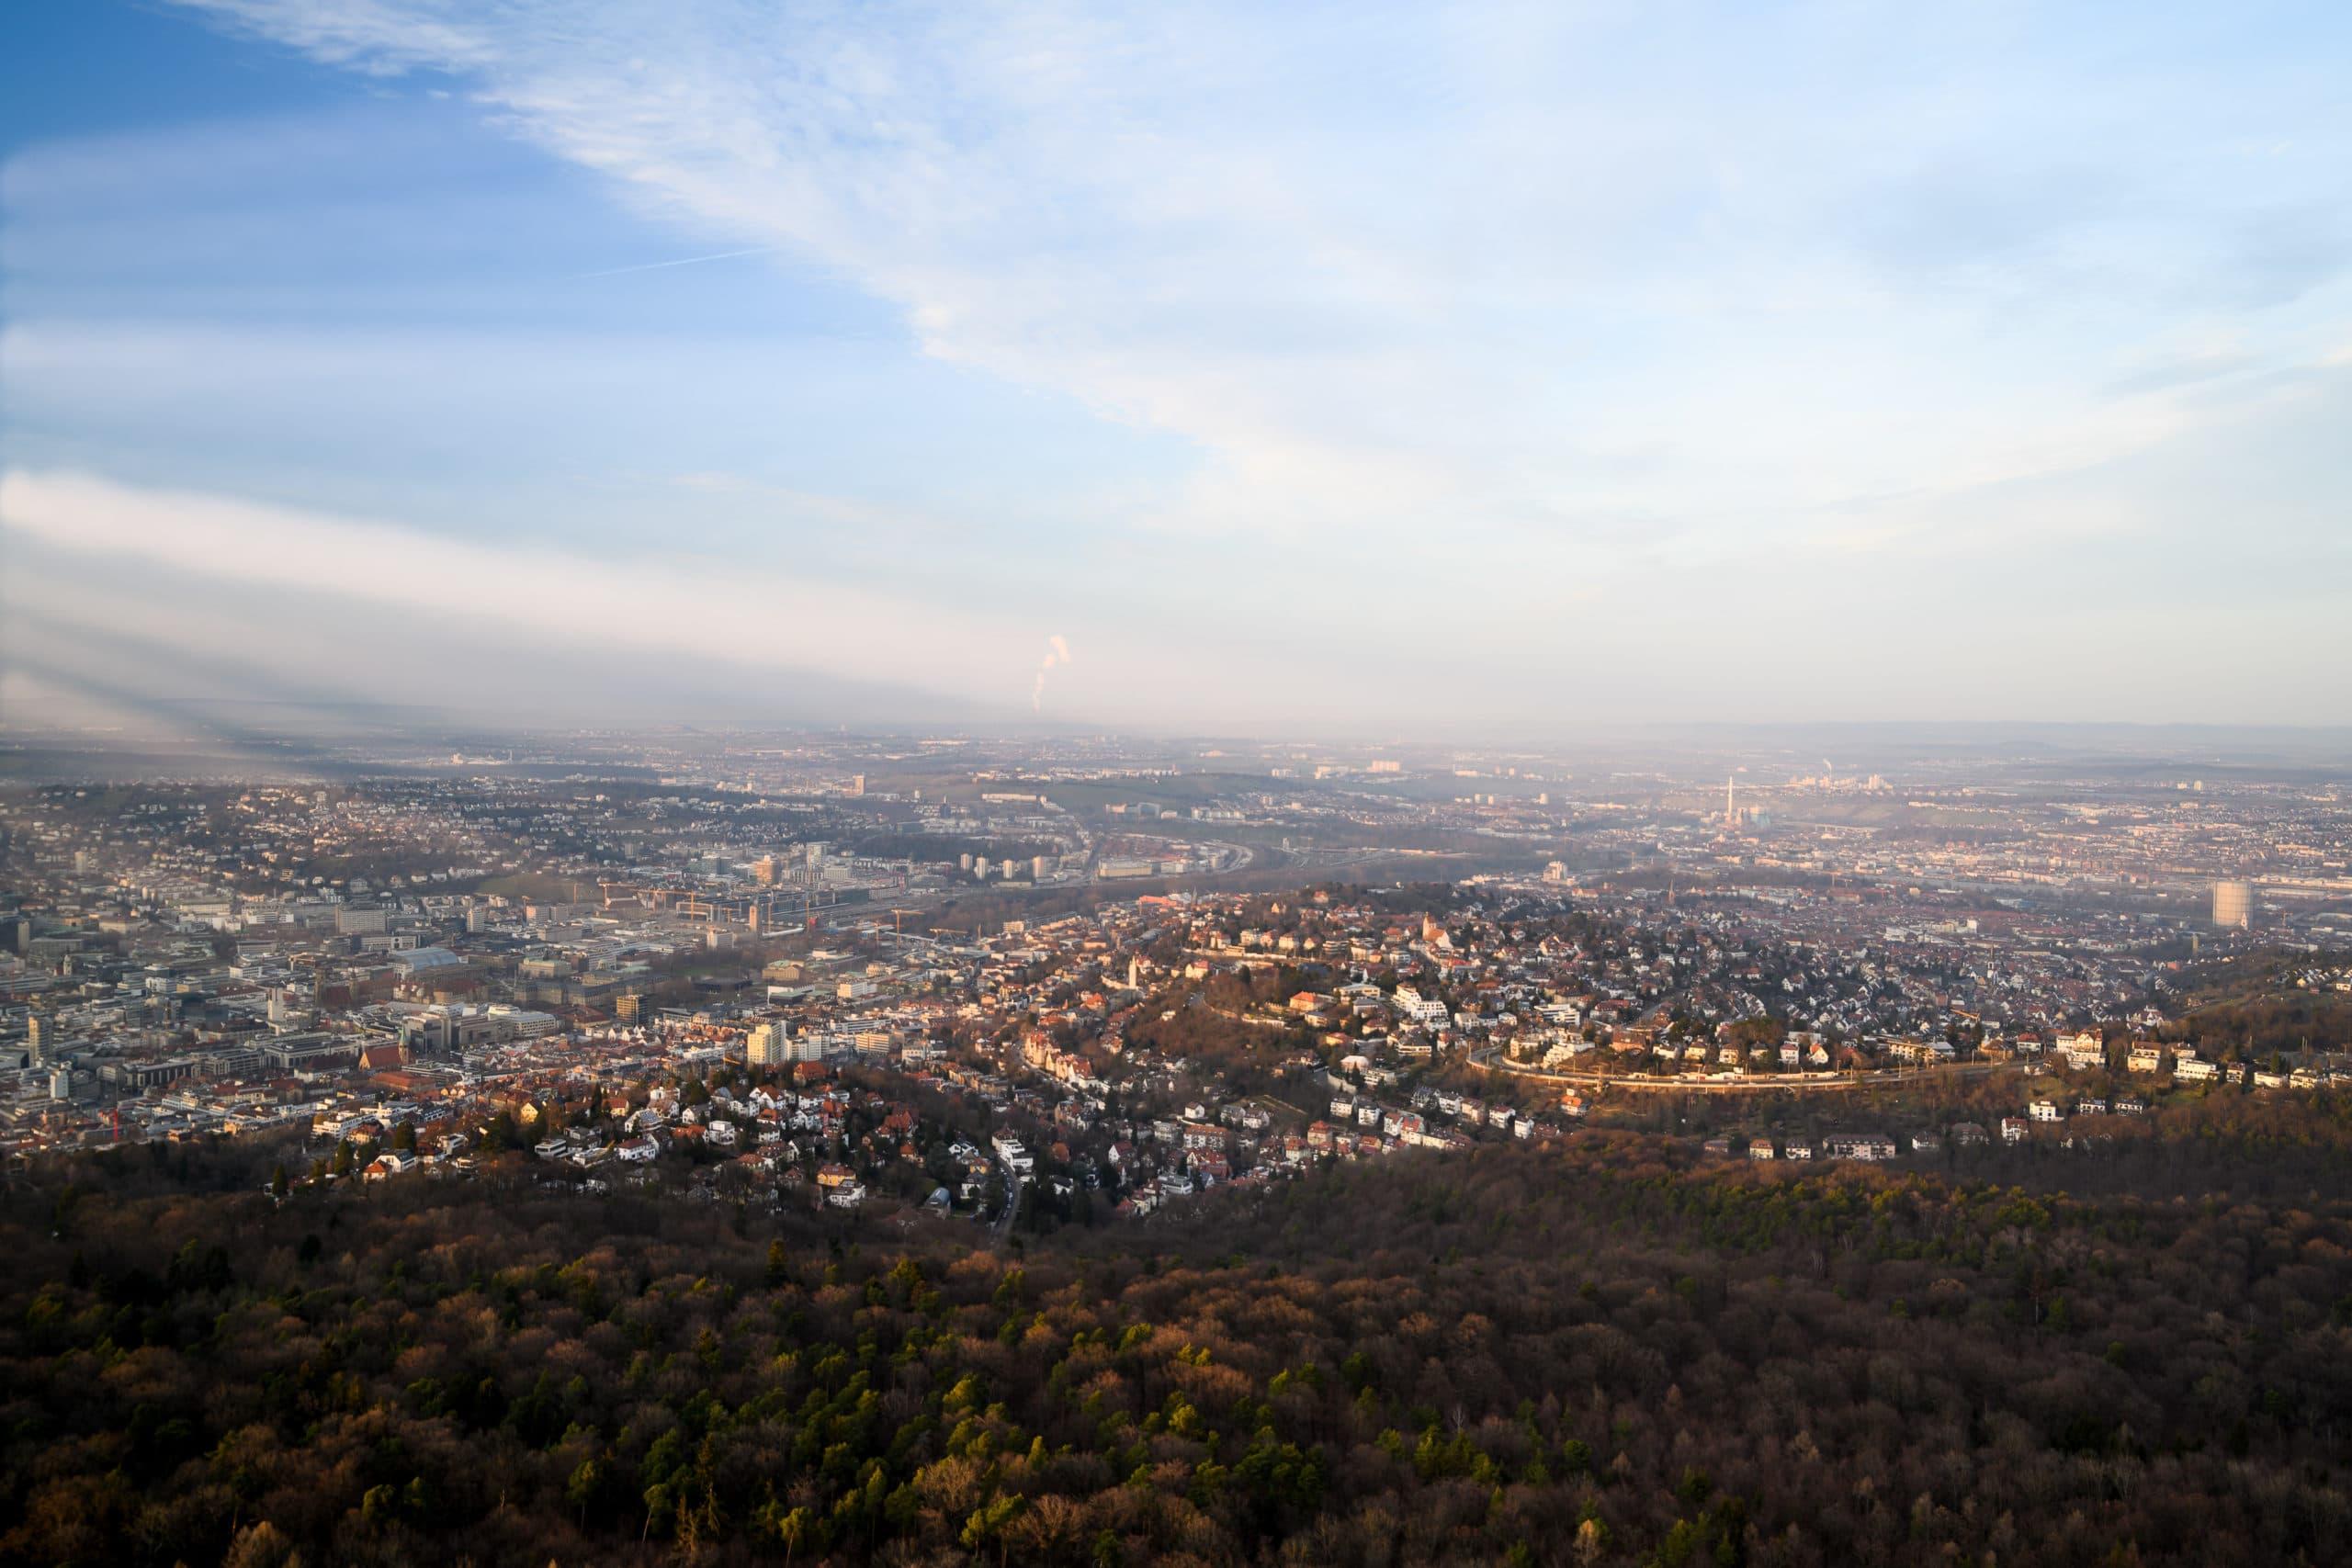 Luftaufnahme der Stadt Stuttgart im Abendlicht  Werbefotograf in der Region Osnabrück Münster Bielefeld für Luftaufnahmen